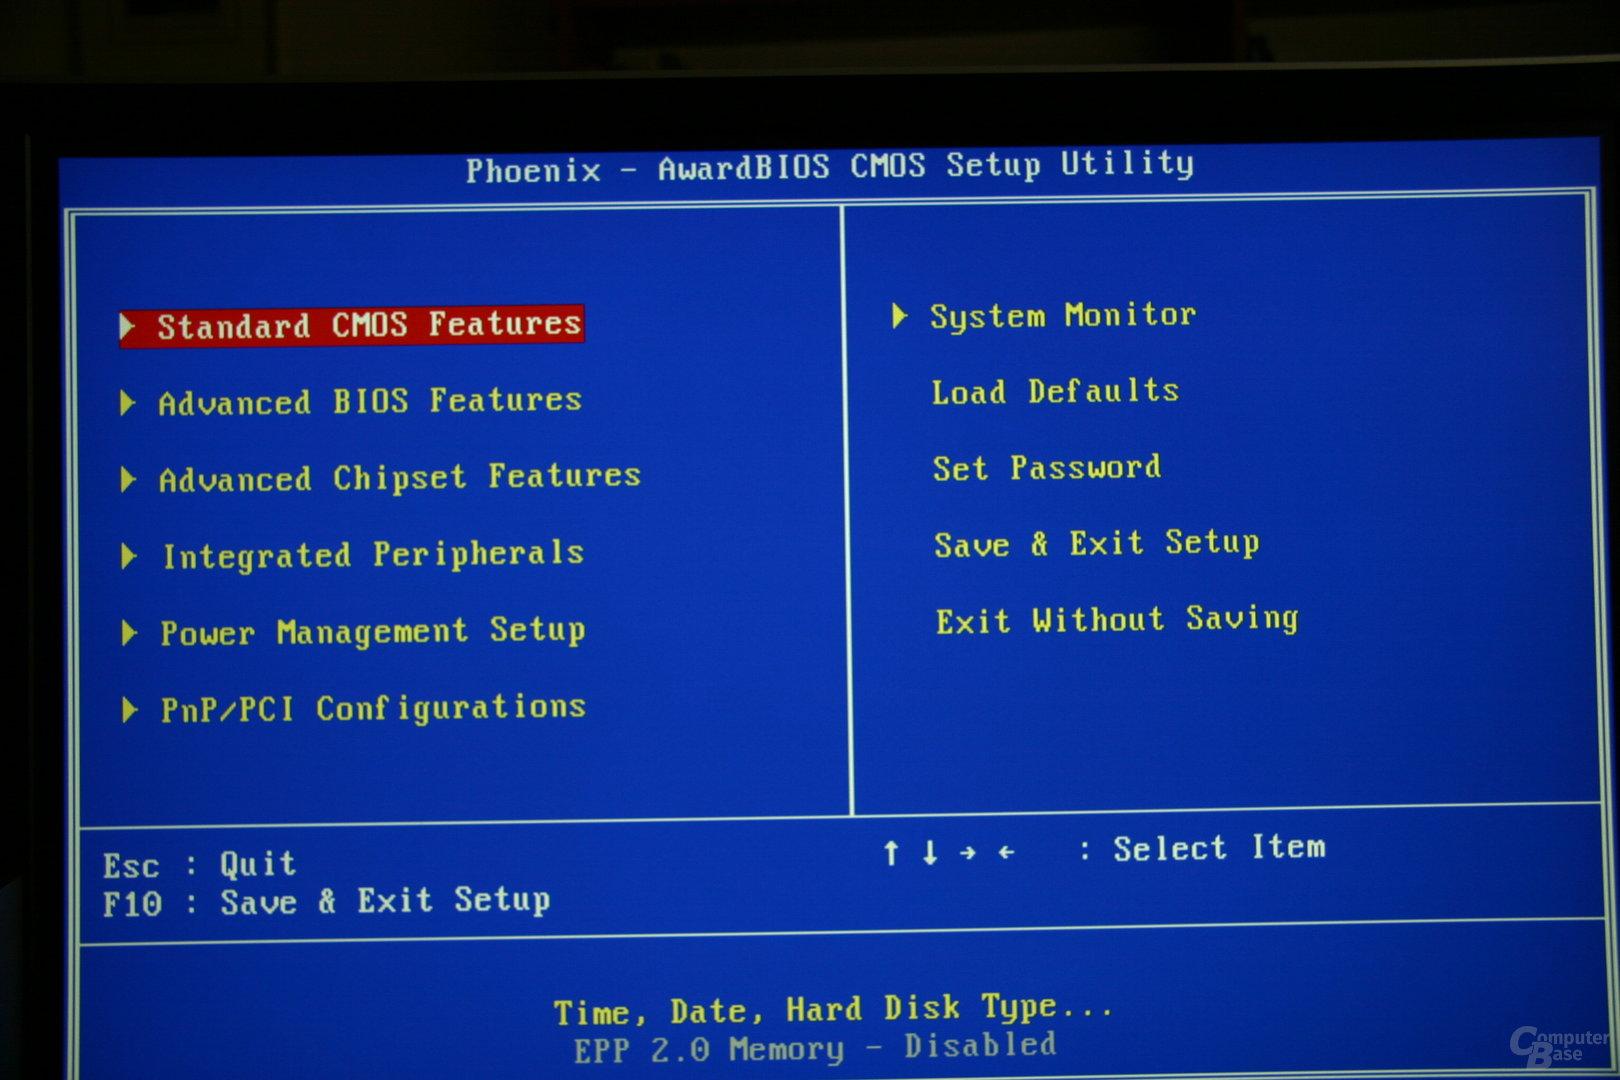 BIOS nForce 790i Ultra SLI